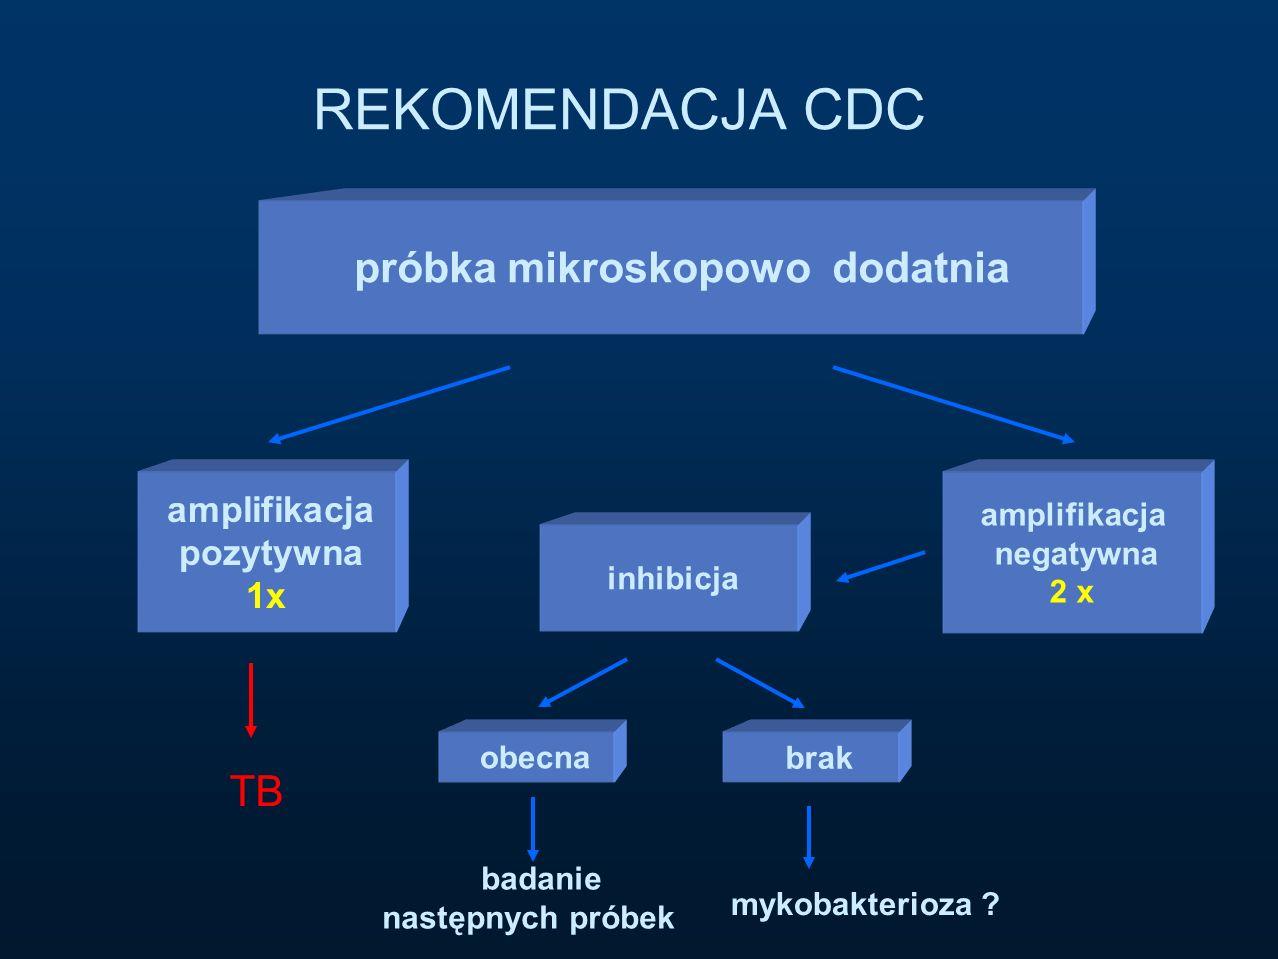 próbka mikroskopowo dodatnia amplifikacja pozytywna 1x amplifikacja negatywna 2 x inhibicja TB obecna brak mykobakterioza ? badanie następnych próbek